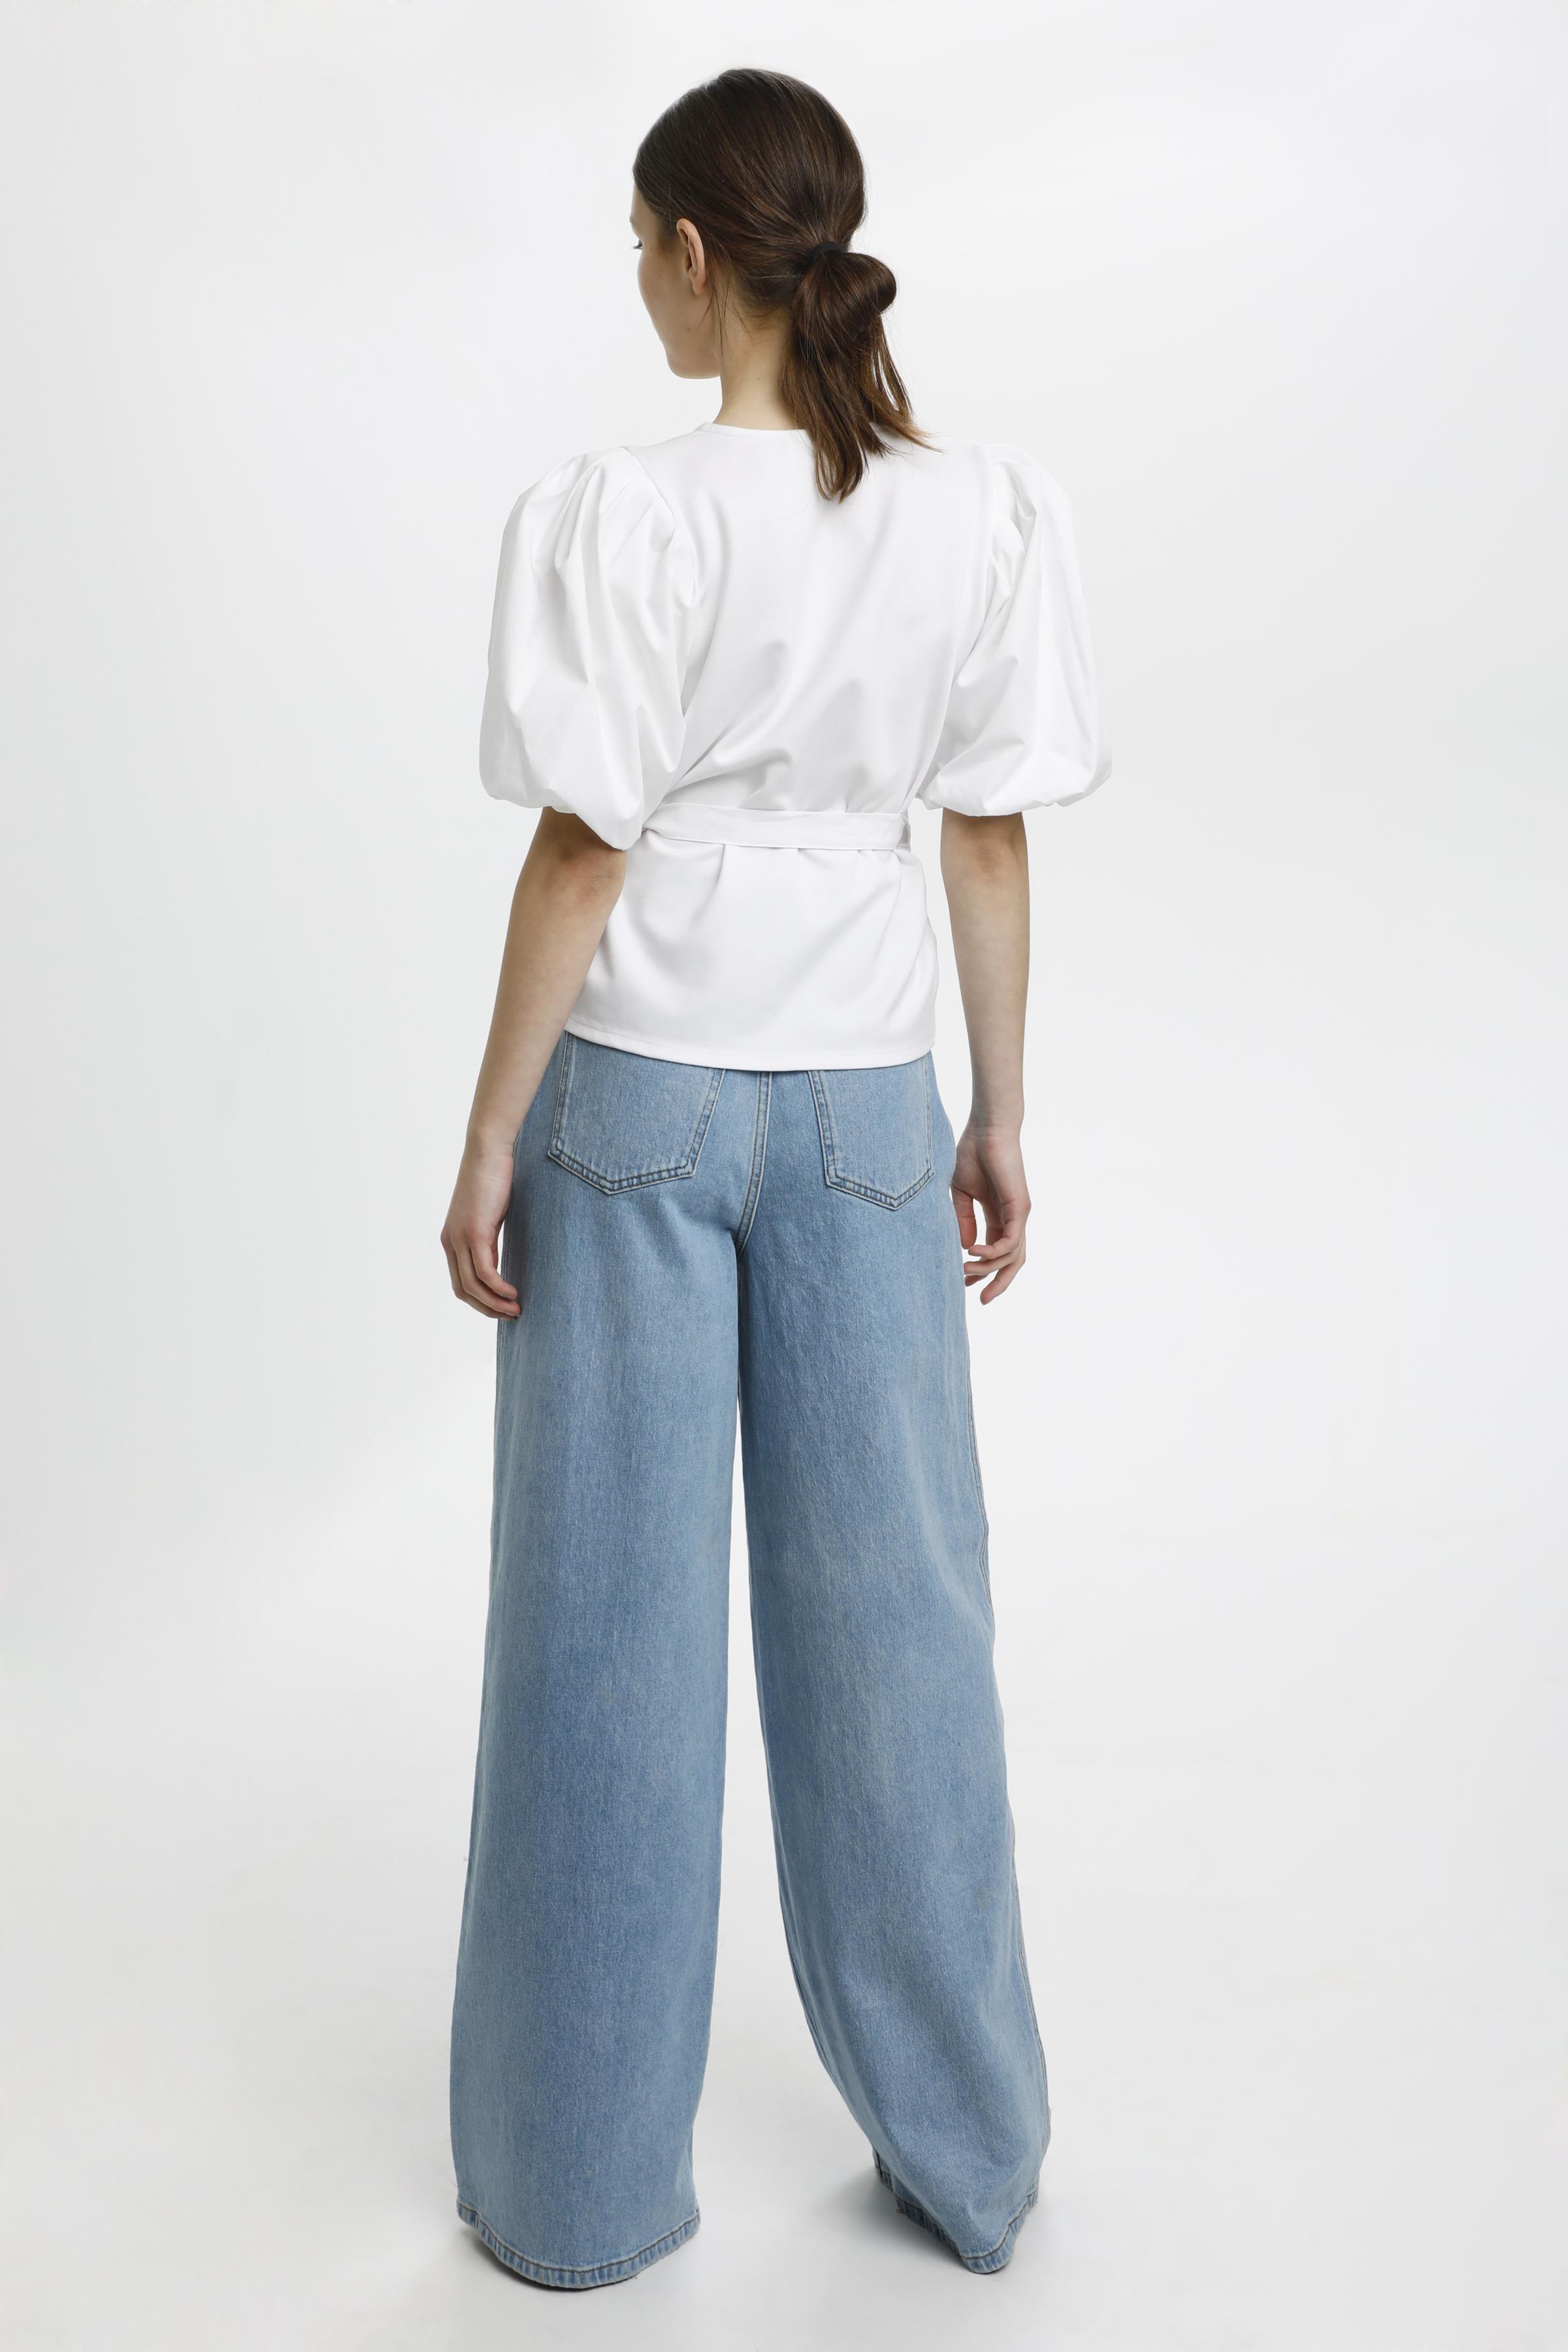 Gestuz NemaGZ bluse, bright white, x-large